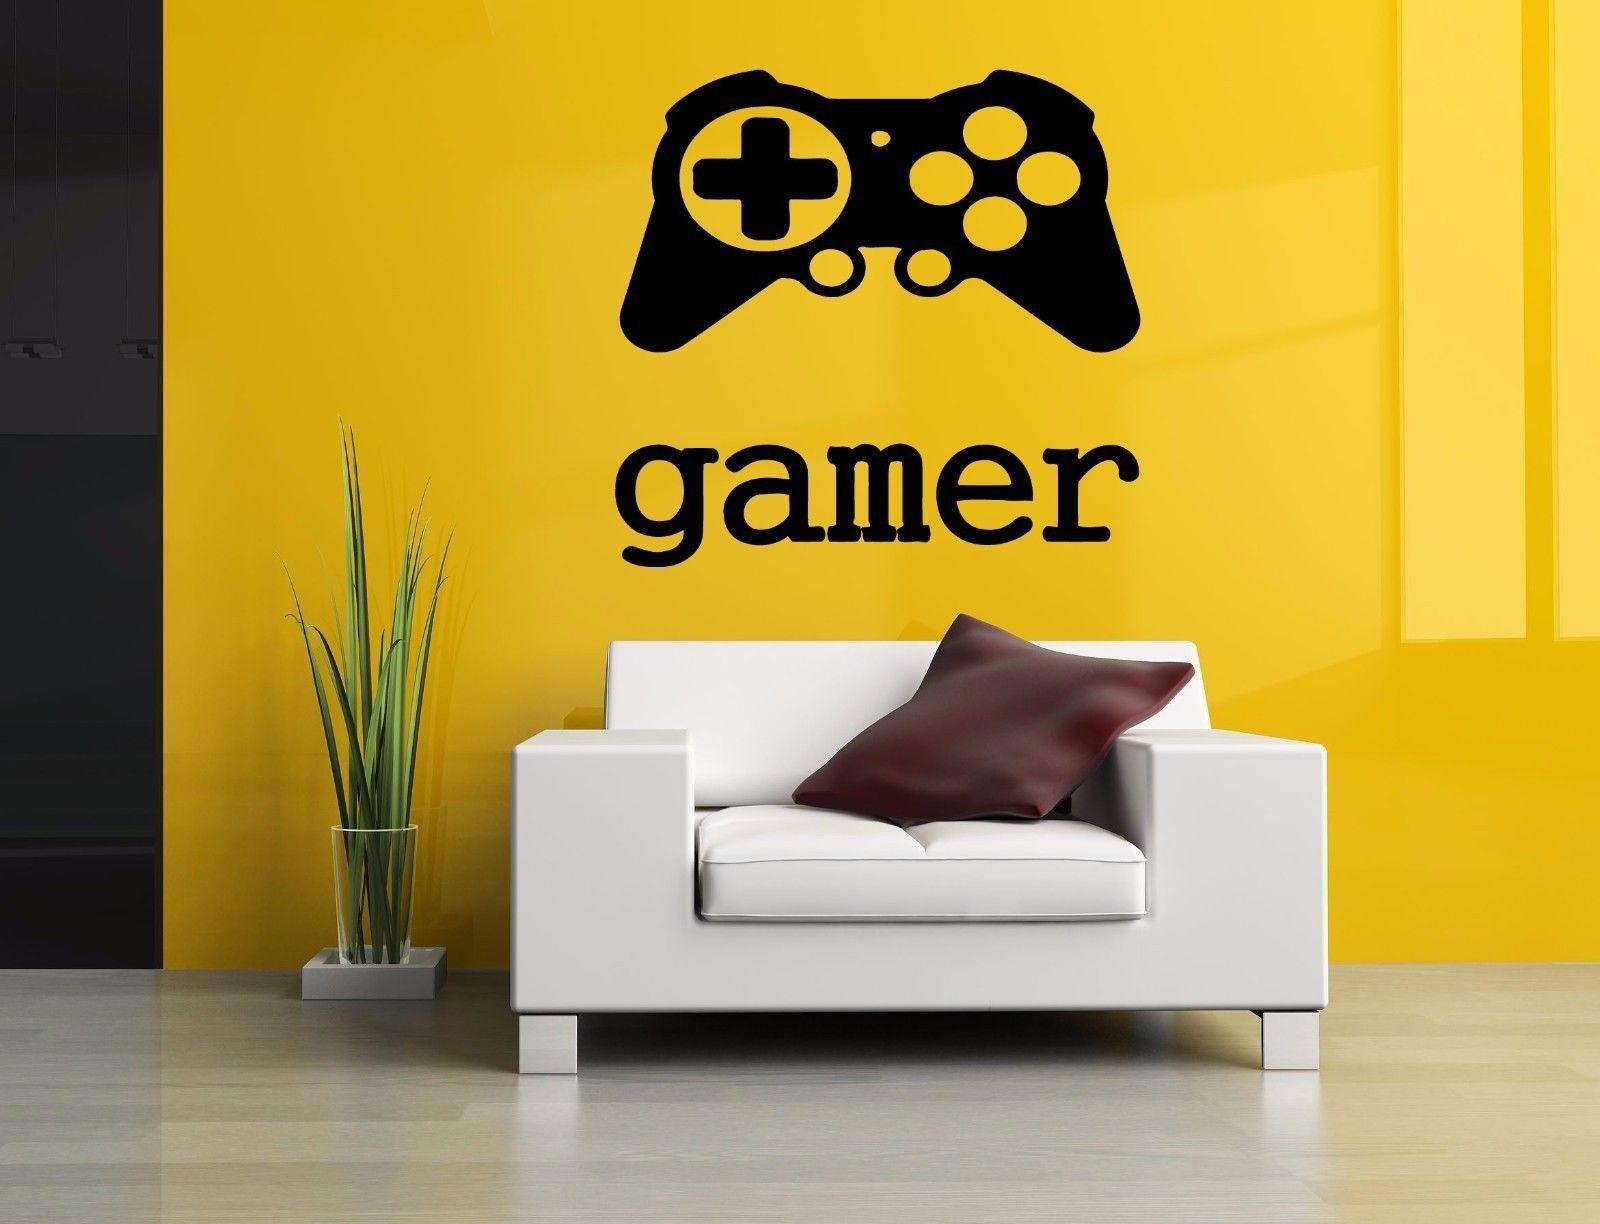 Wall room decor art vinyl sticker mural decal gamer controller big